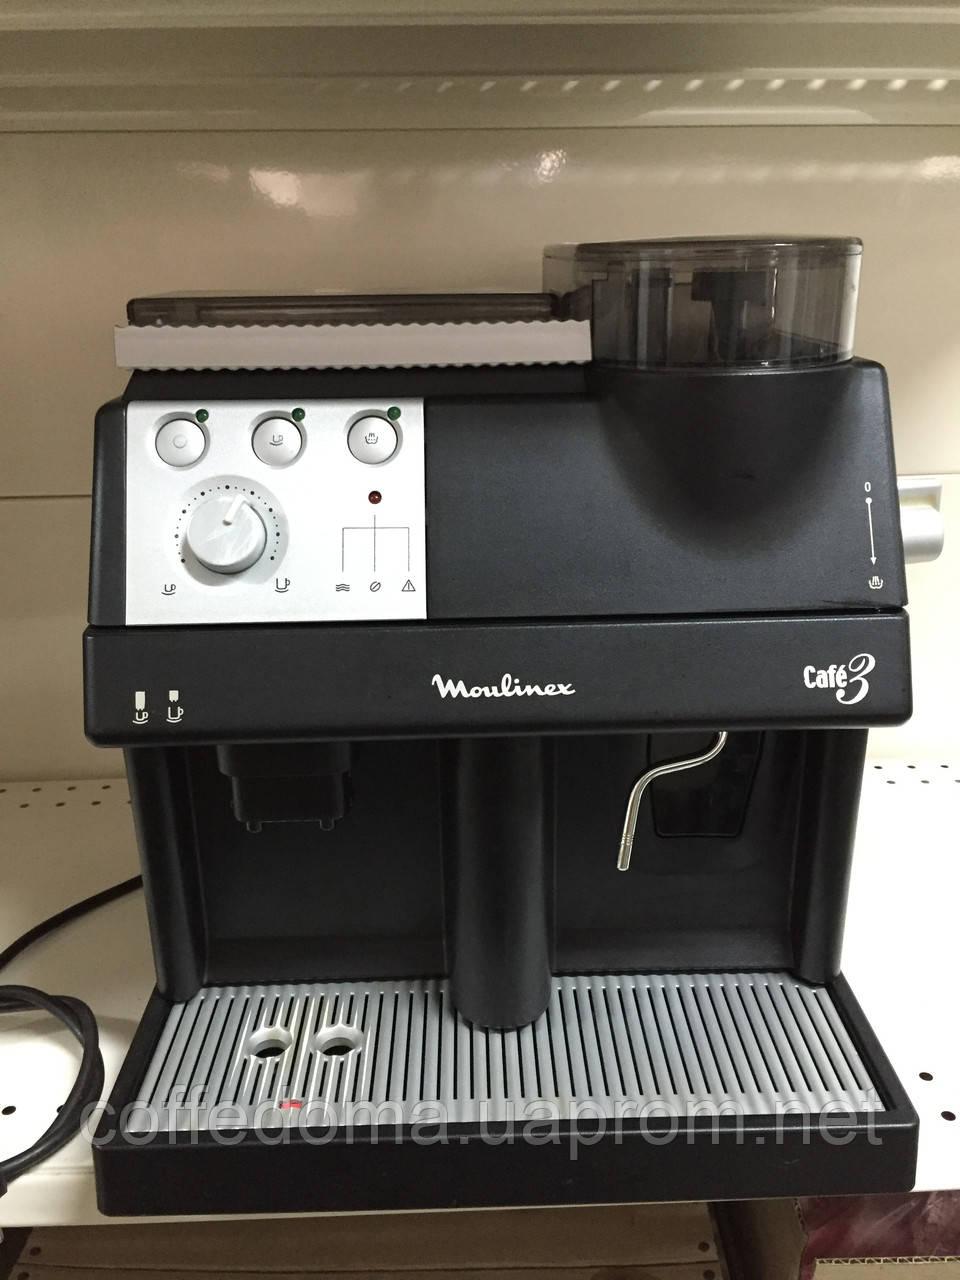 Moulinex cafe 3 (saeco vienna) автоматическая кофемашина